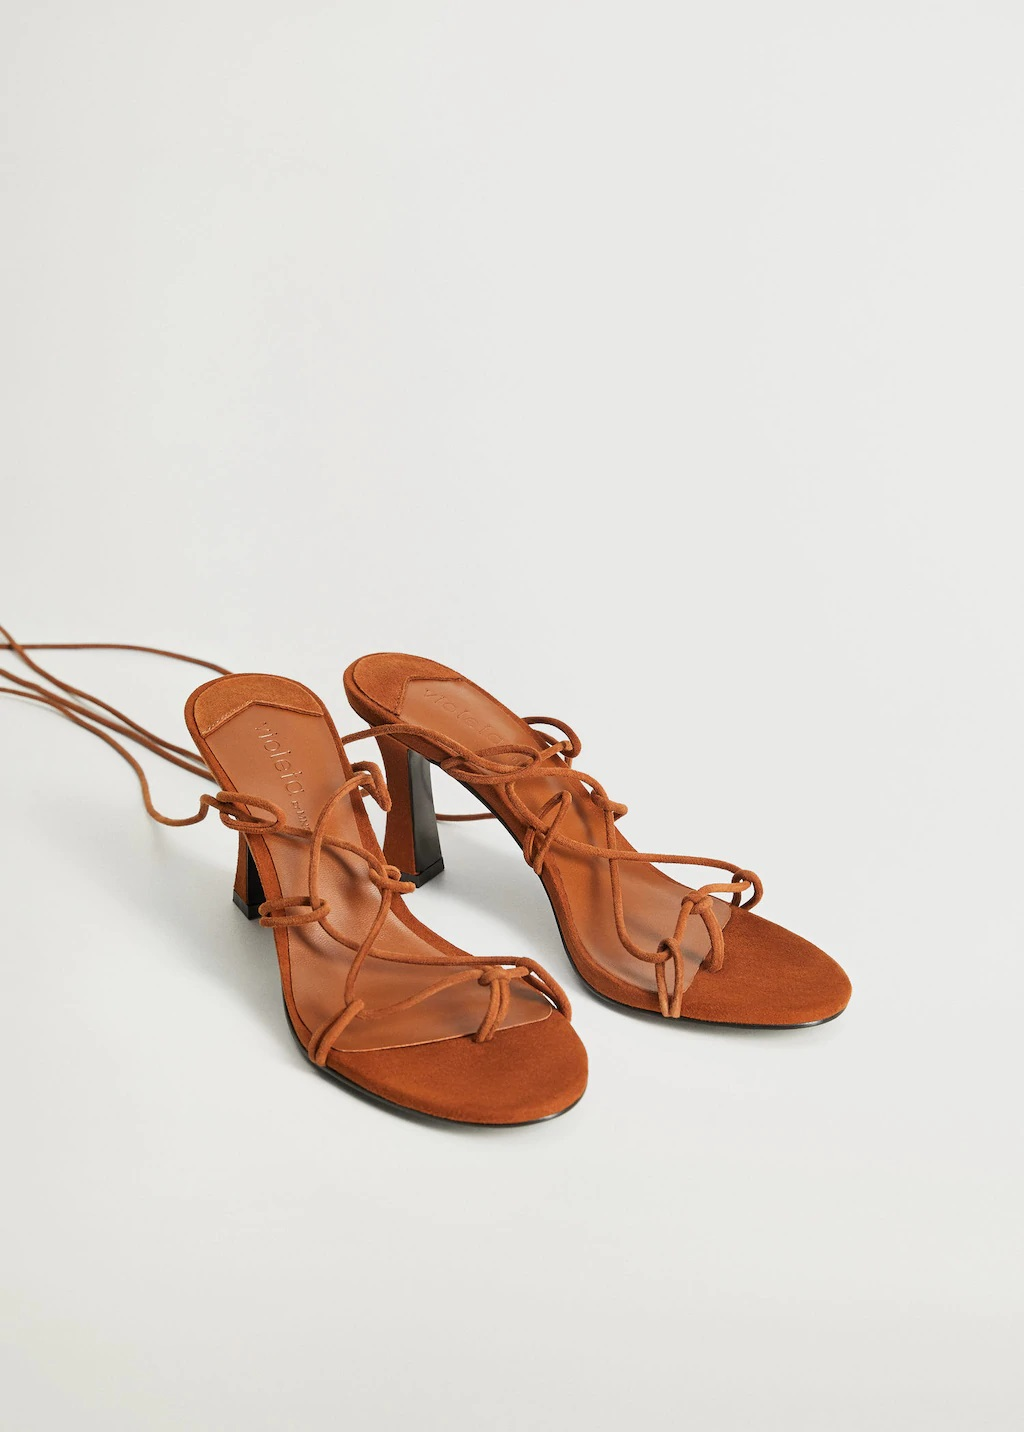 Las increíbles sandalias de piel de Mango de Paula Echevarría se convierten en virales